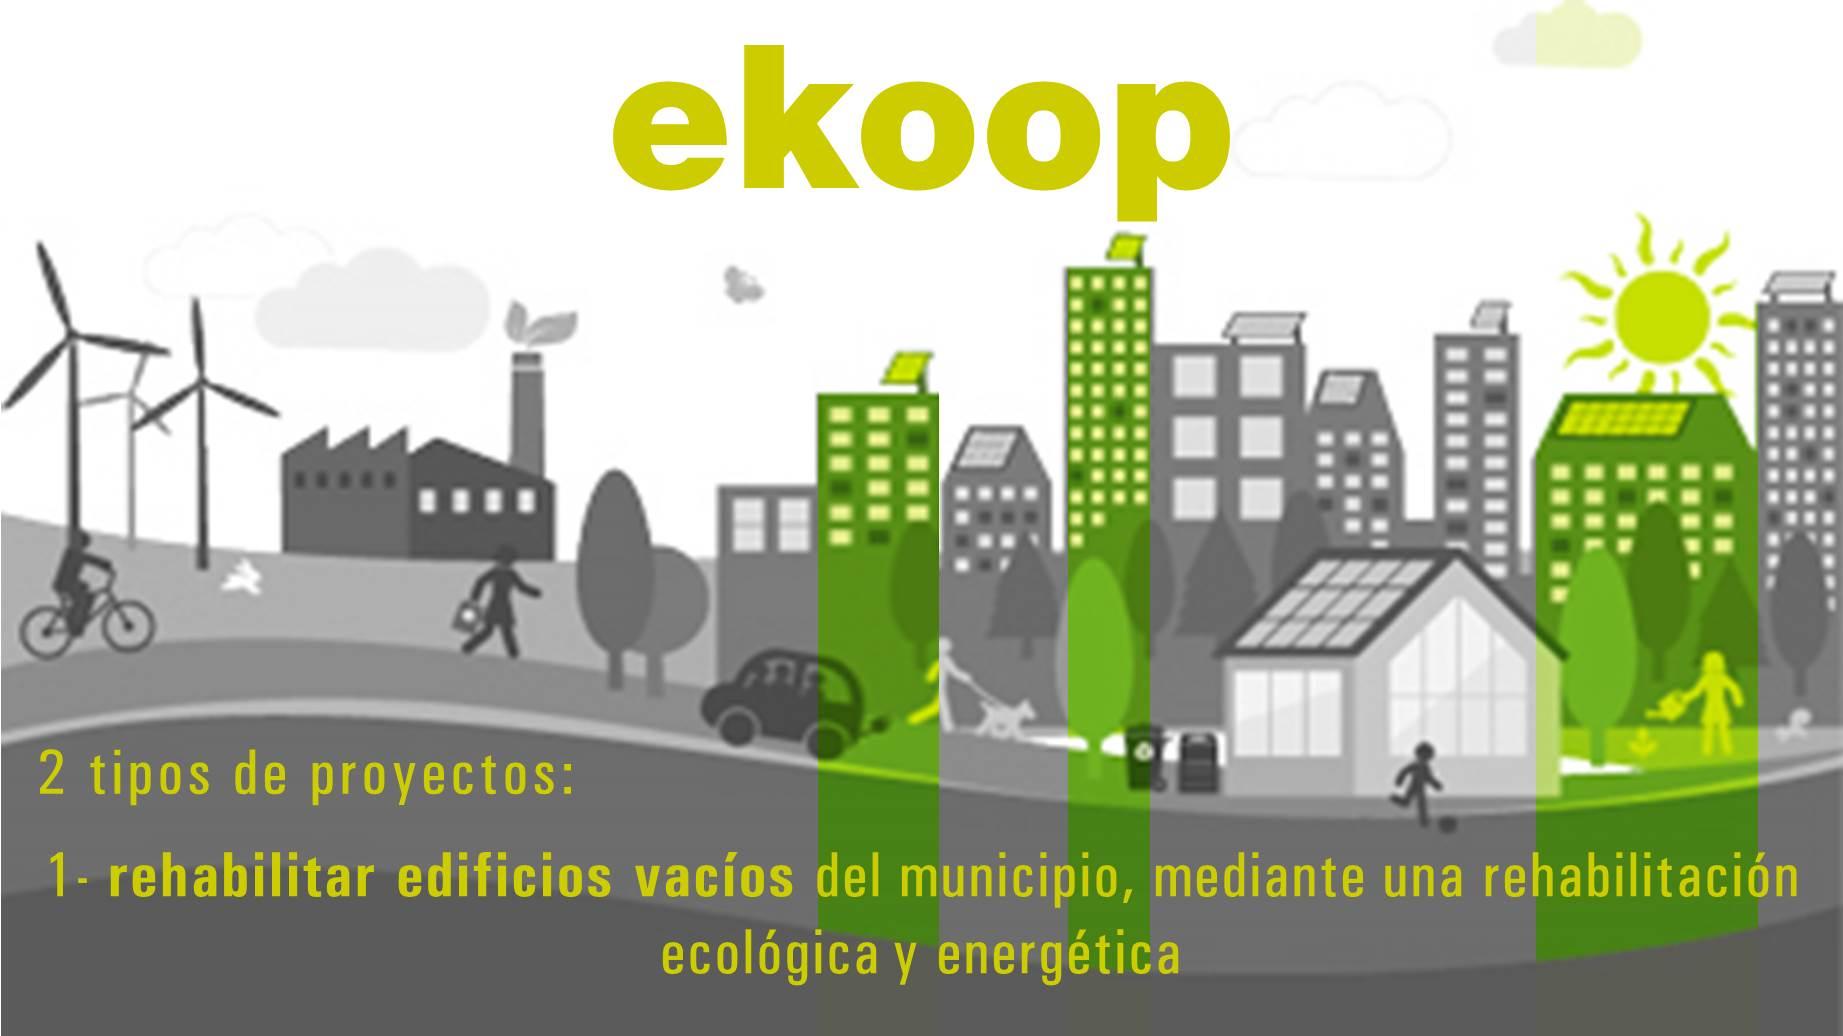 ekoop4